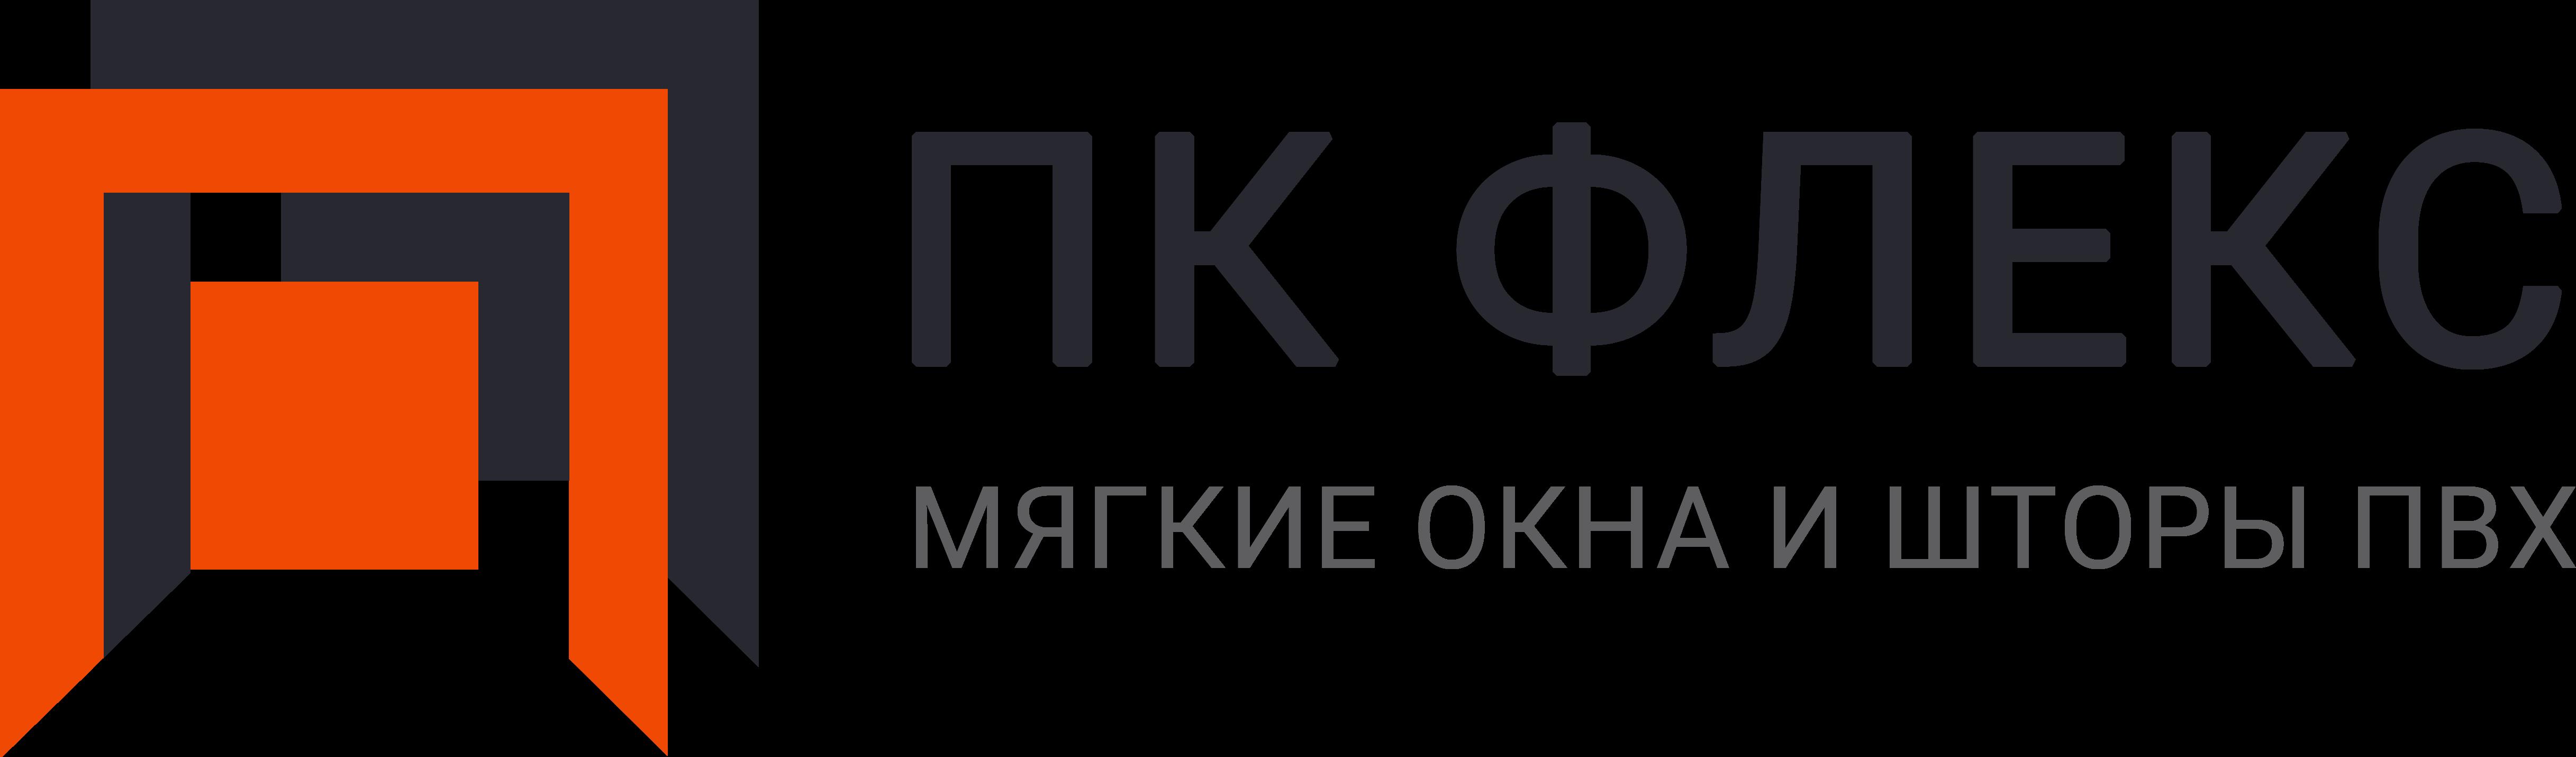 ПК ФЛЕКС